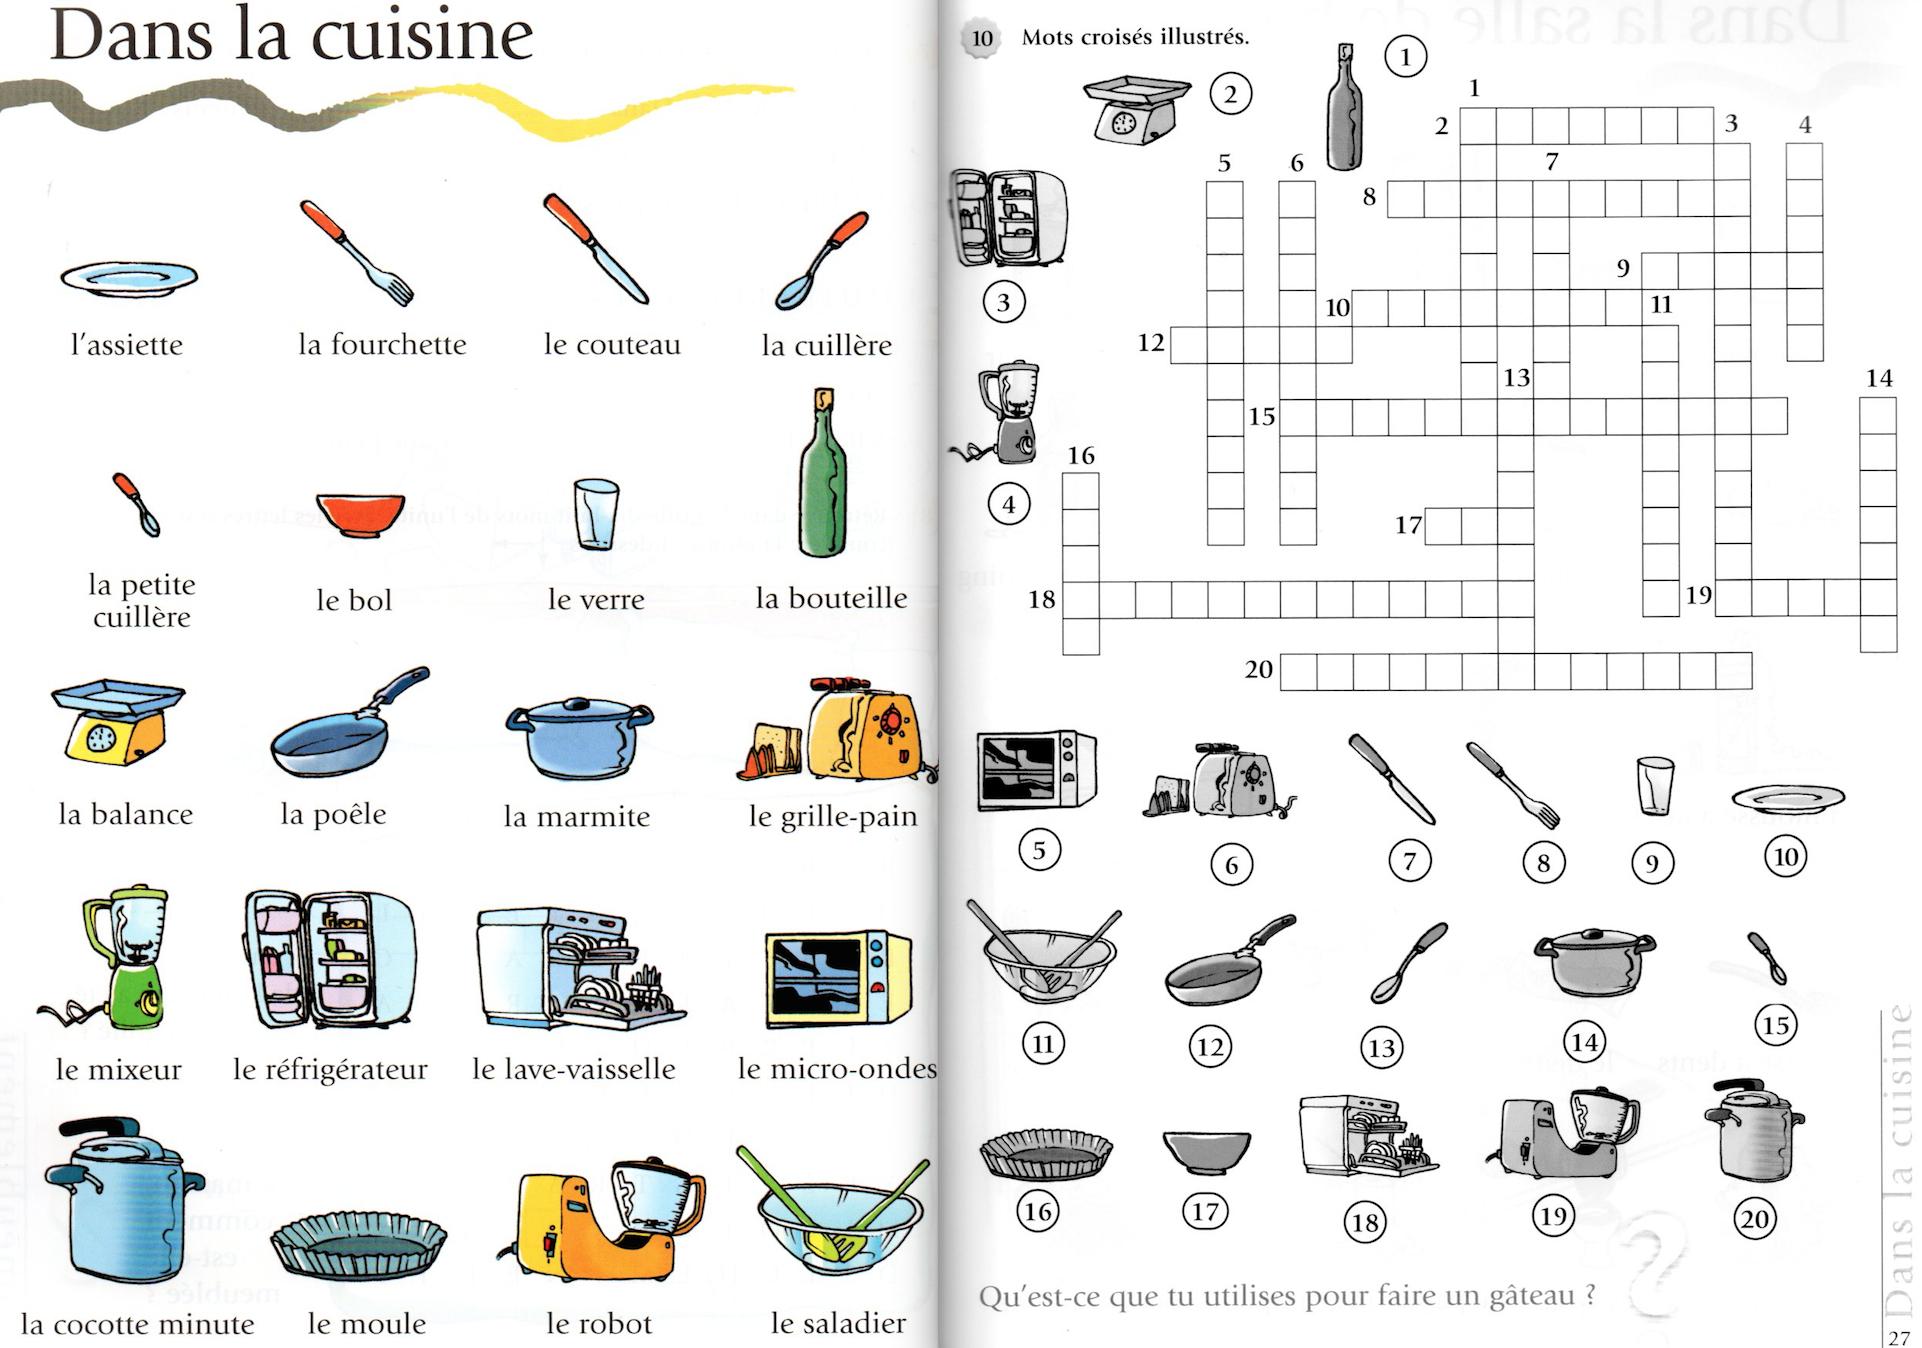 Mots Croisés De La Cuisine - A1 (Le Français De Jeu - S tout Jeux Mots Croisés Facile